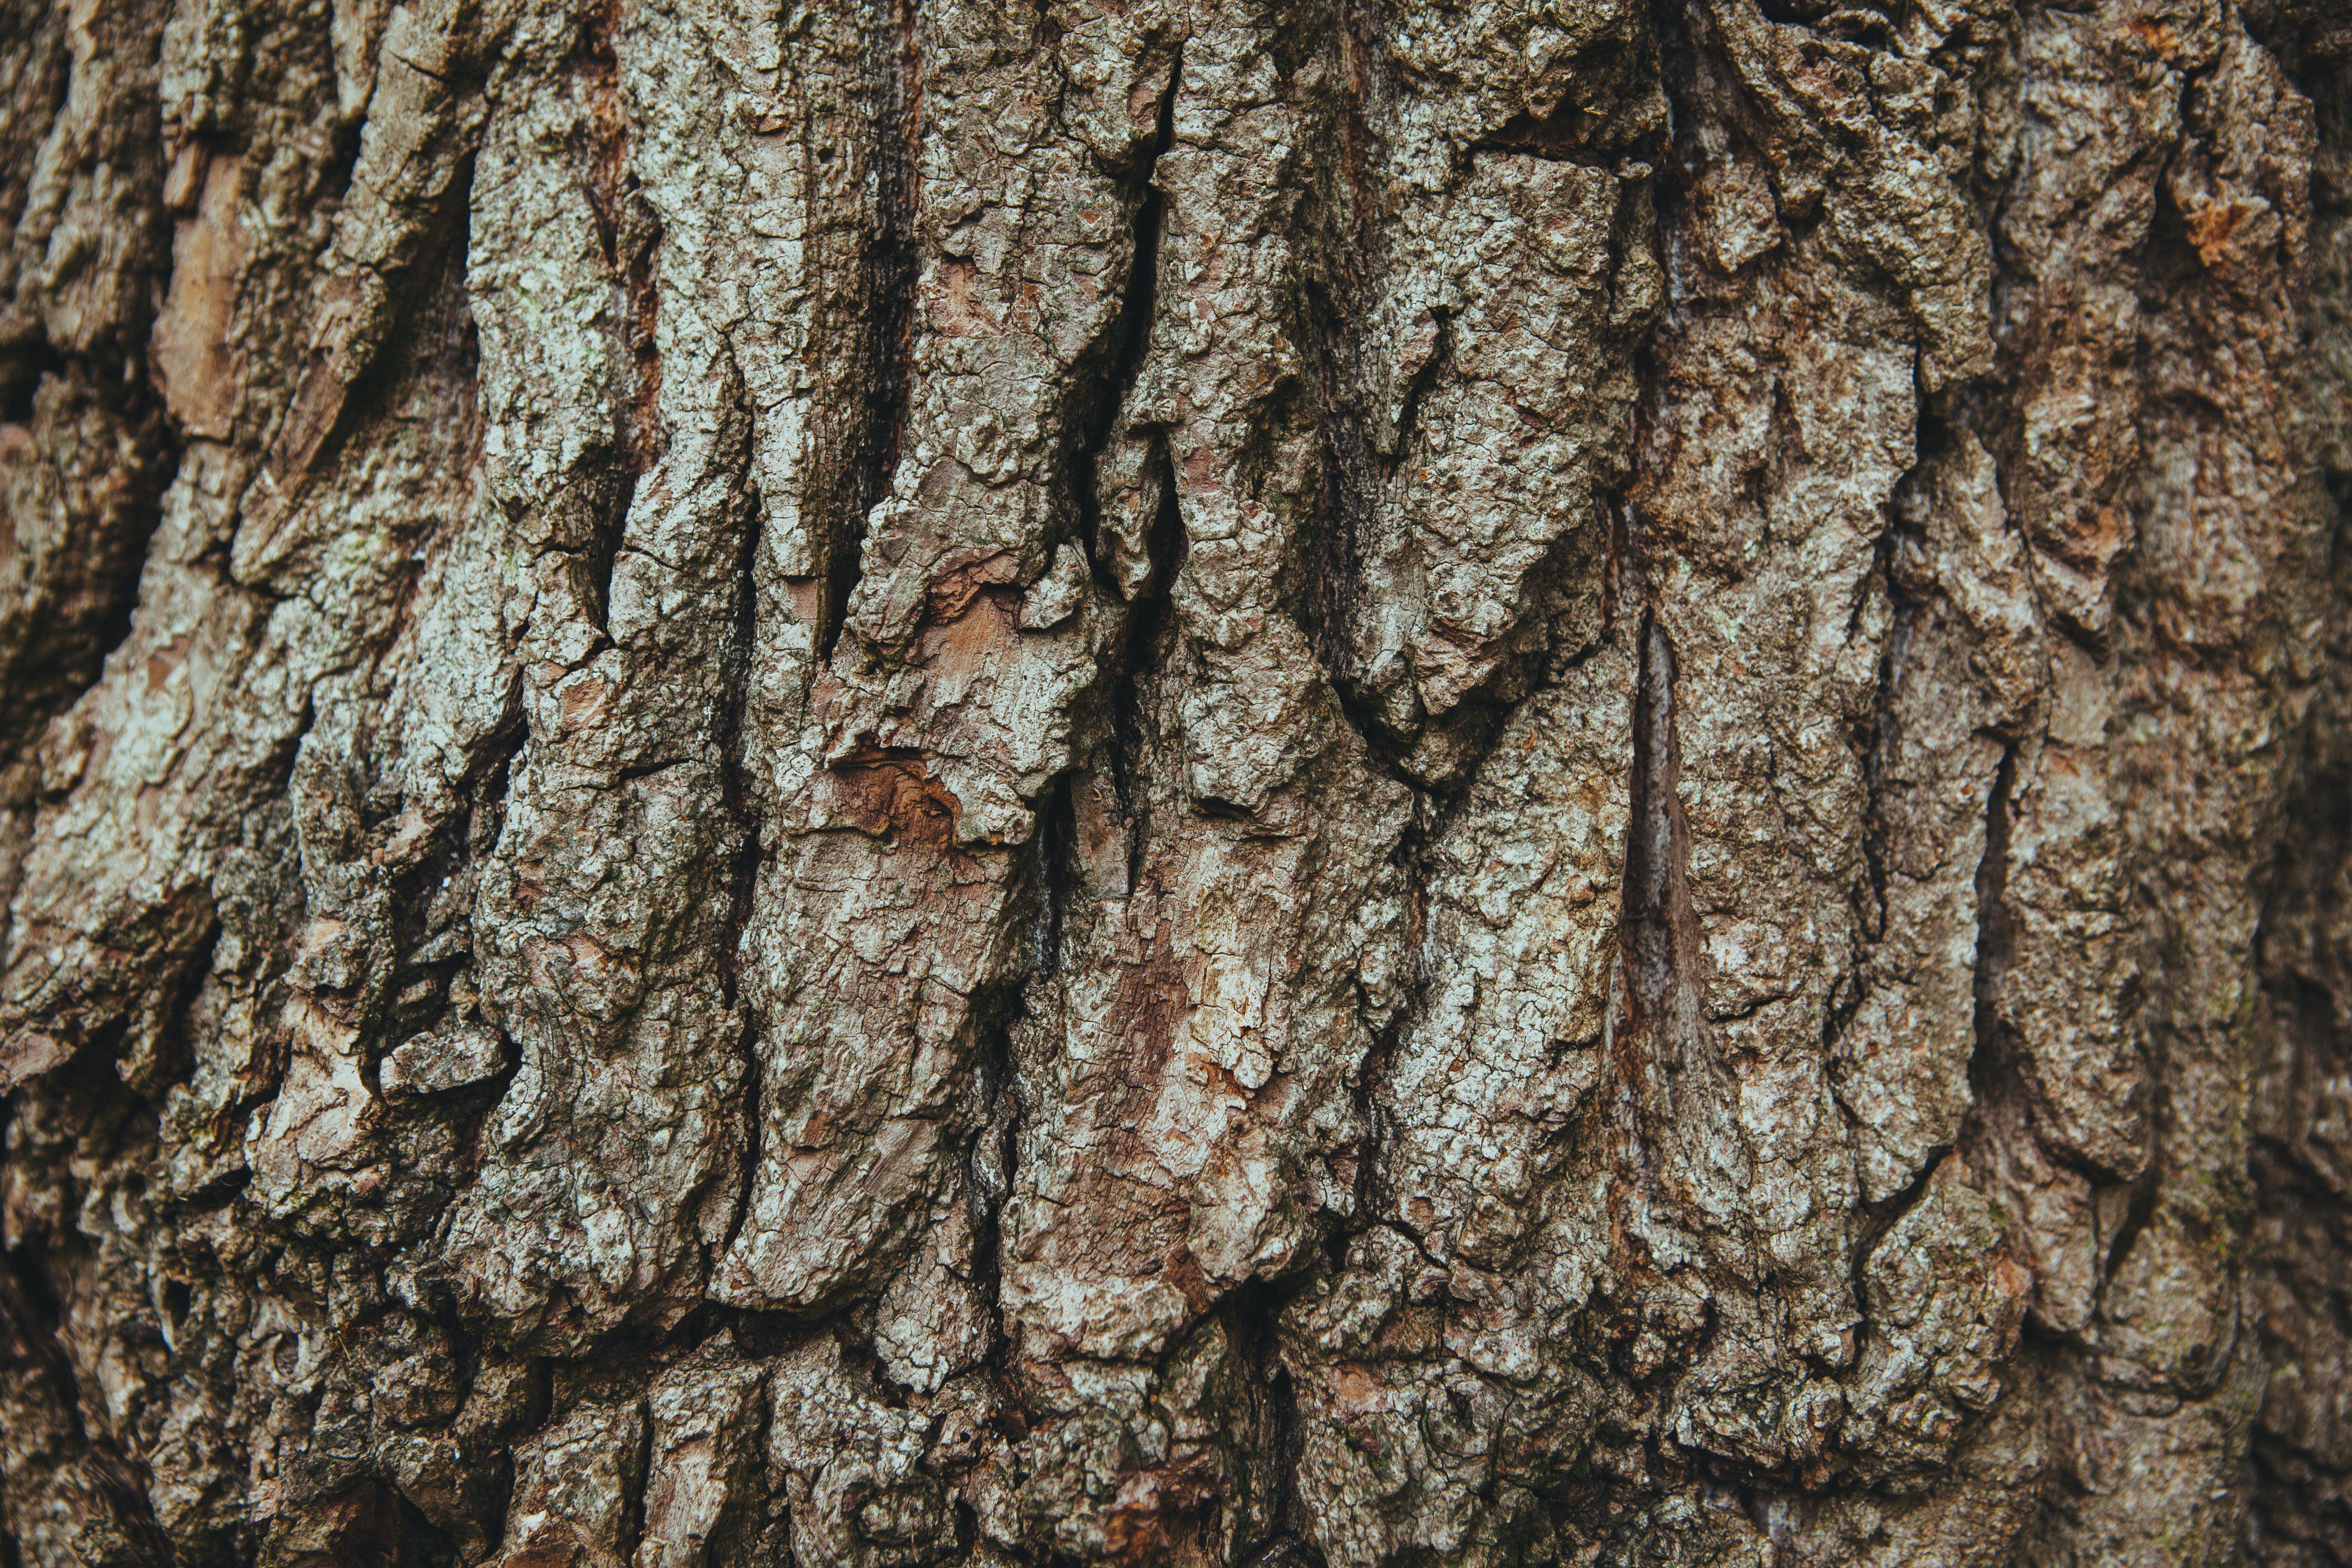 ağaç, ağaç kabuğu, ahşap, fransız meşe içeren Ücretsiz stok fotoğraf